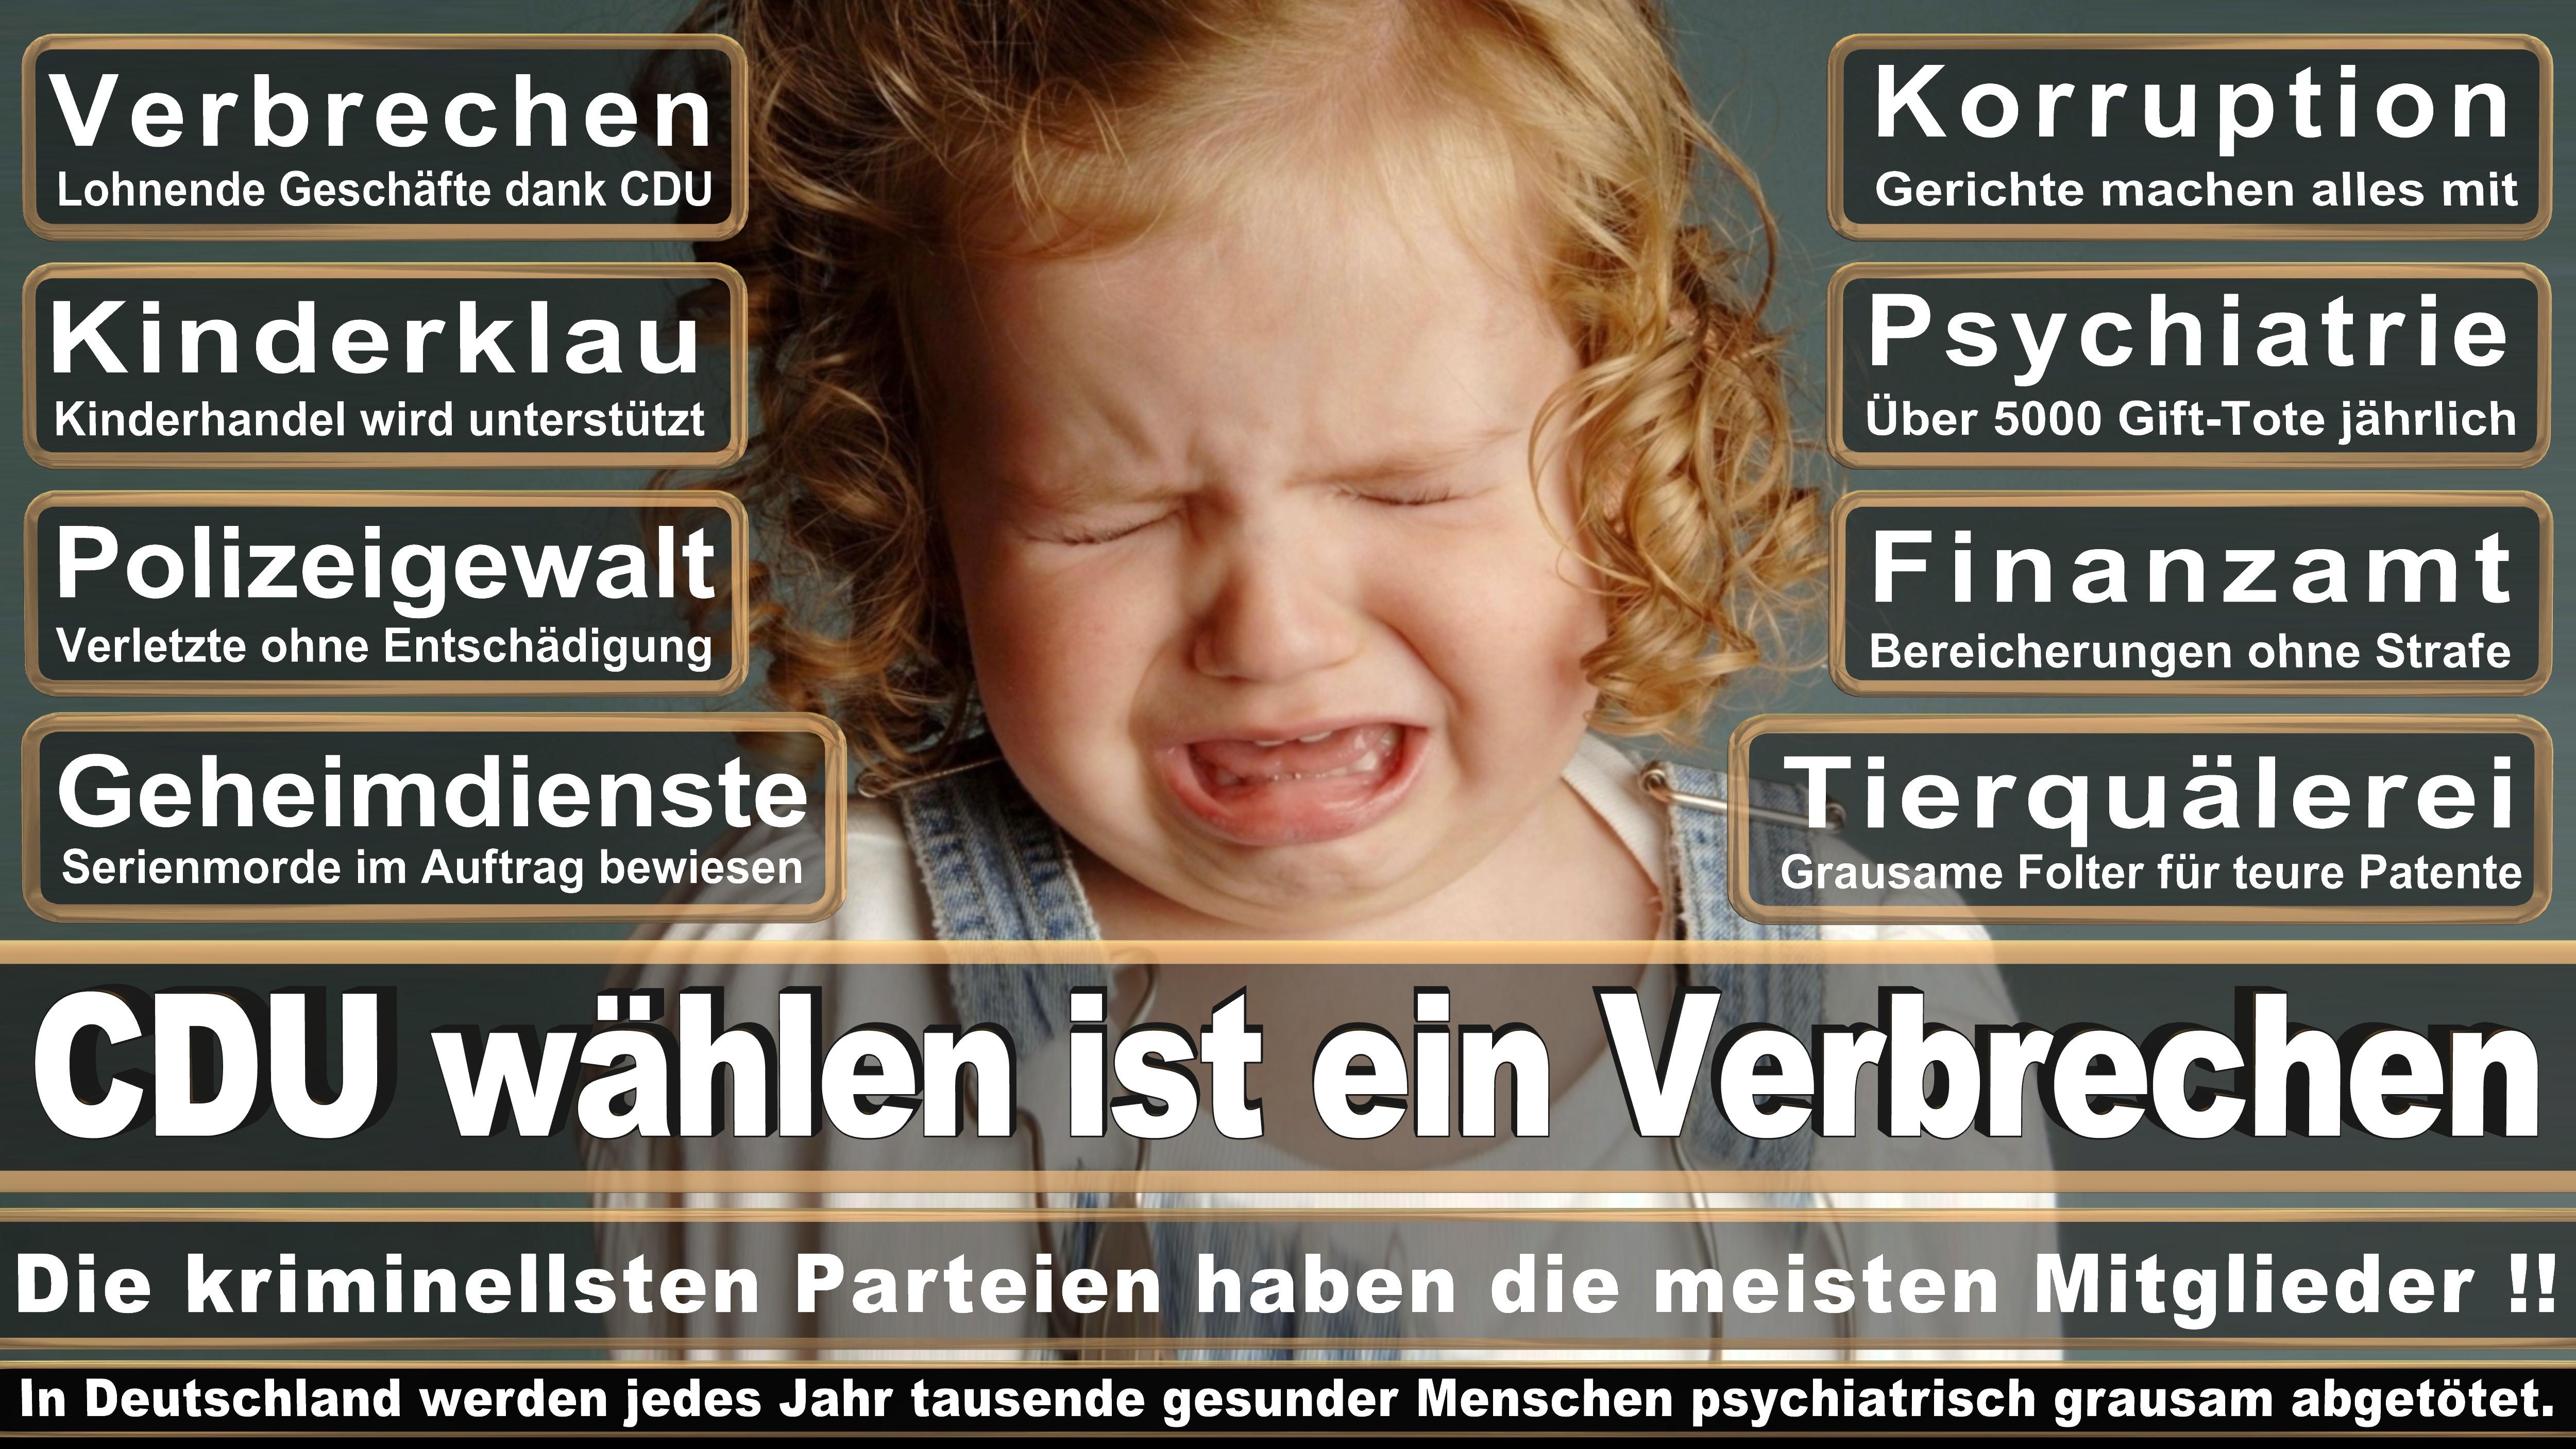 Rosemarie Hein DIE LINKE Sachsen Anhalt Politiker Deutschland